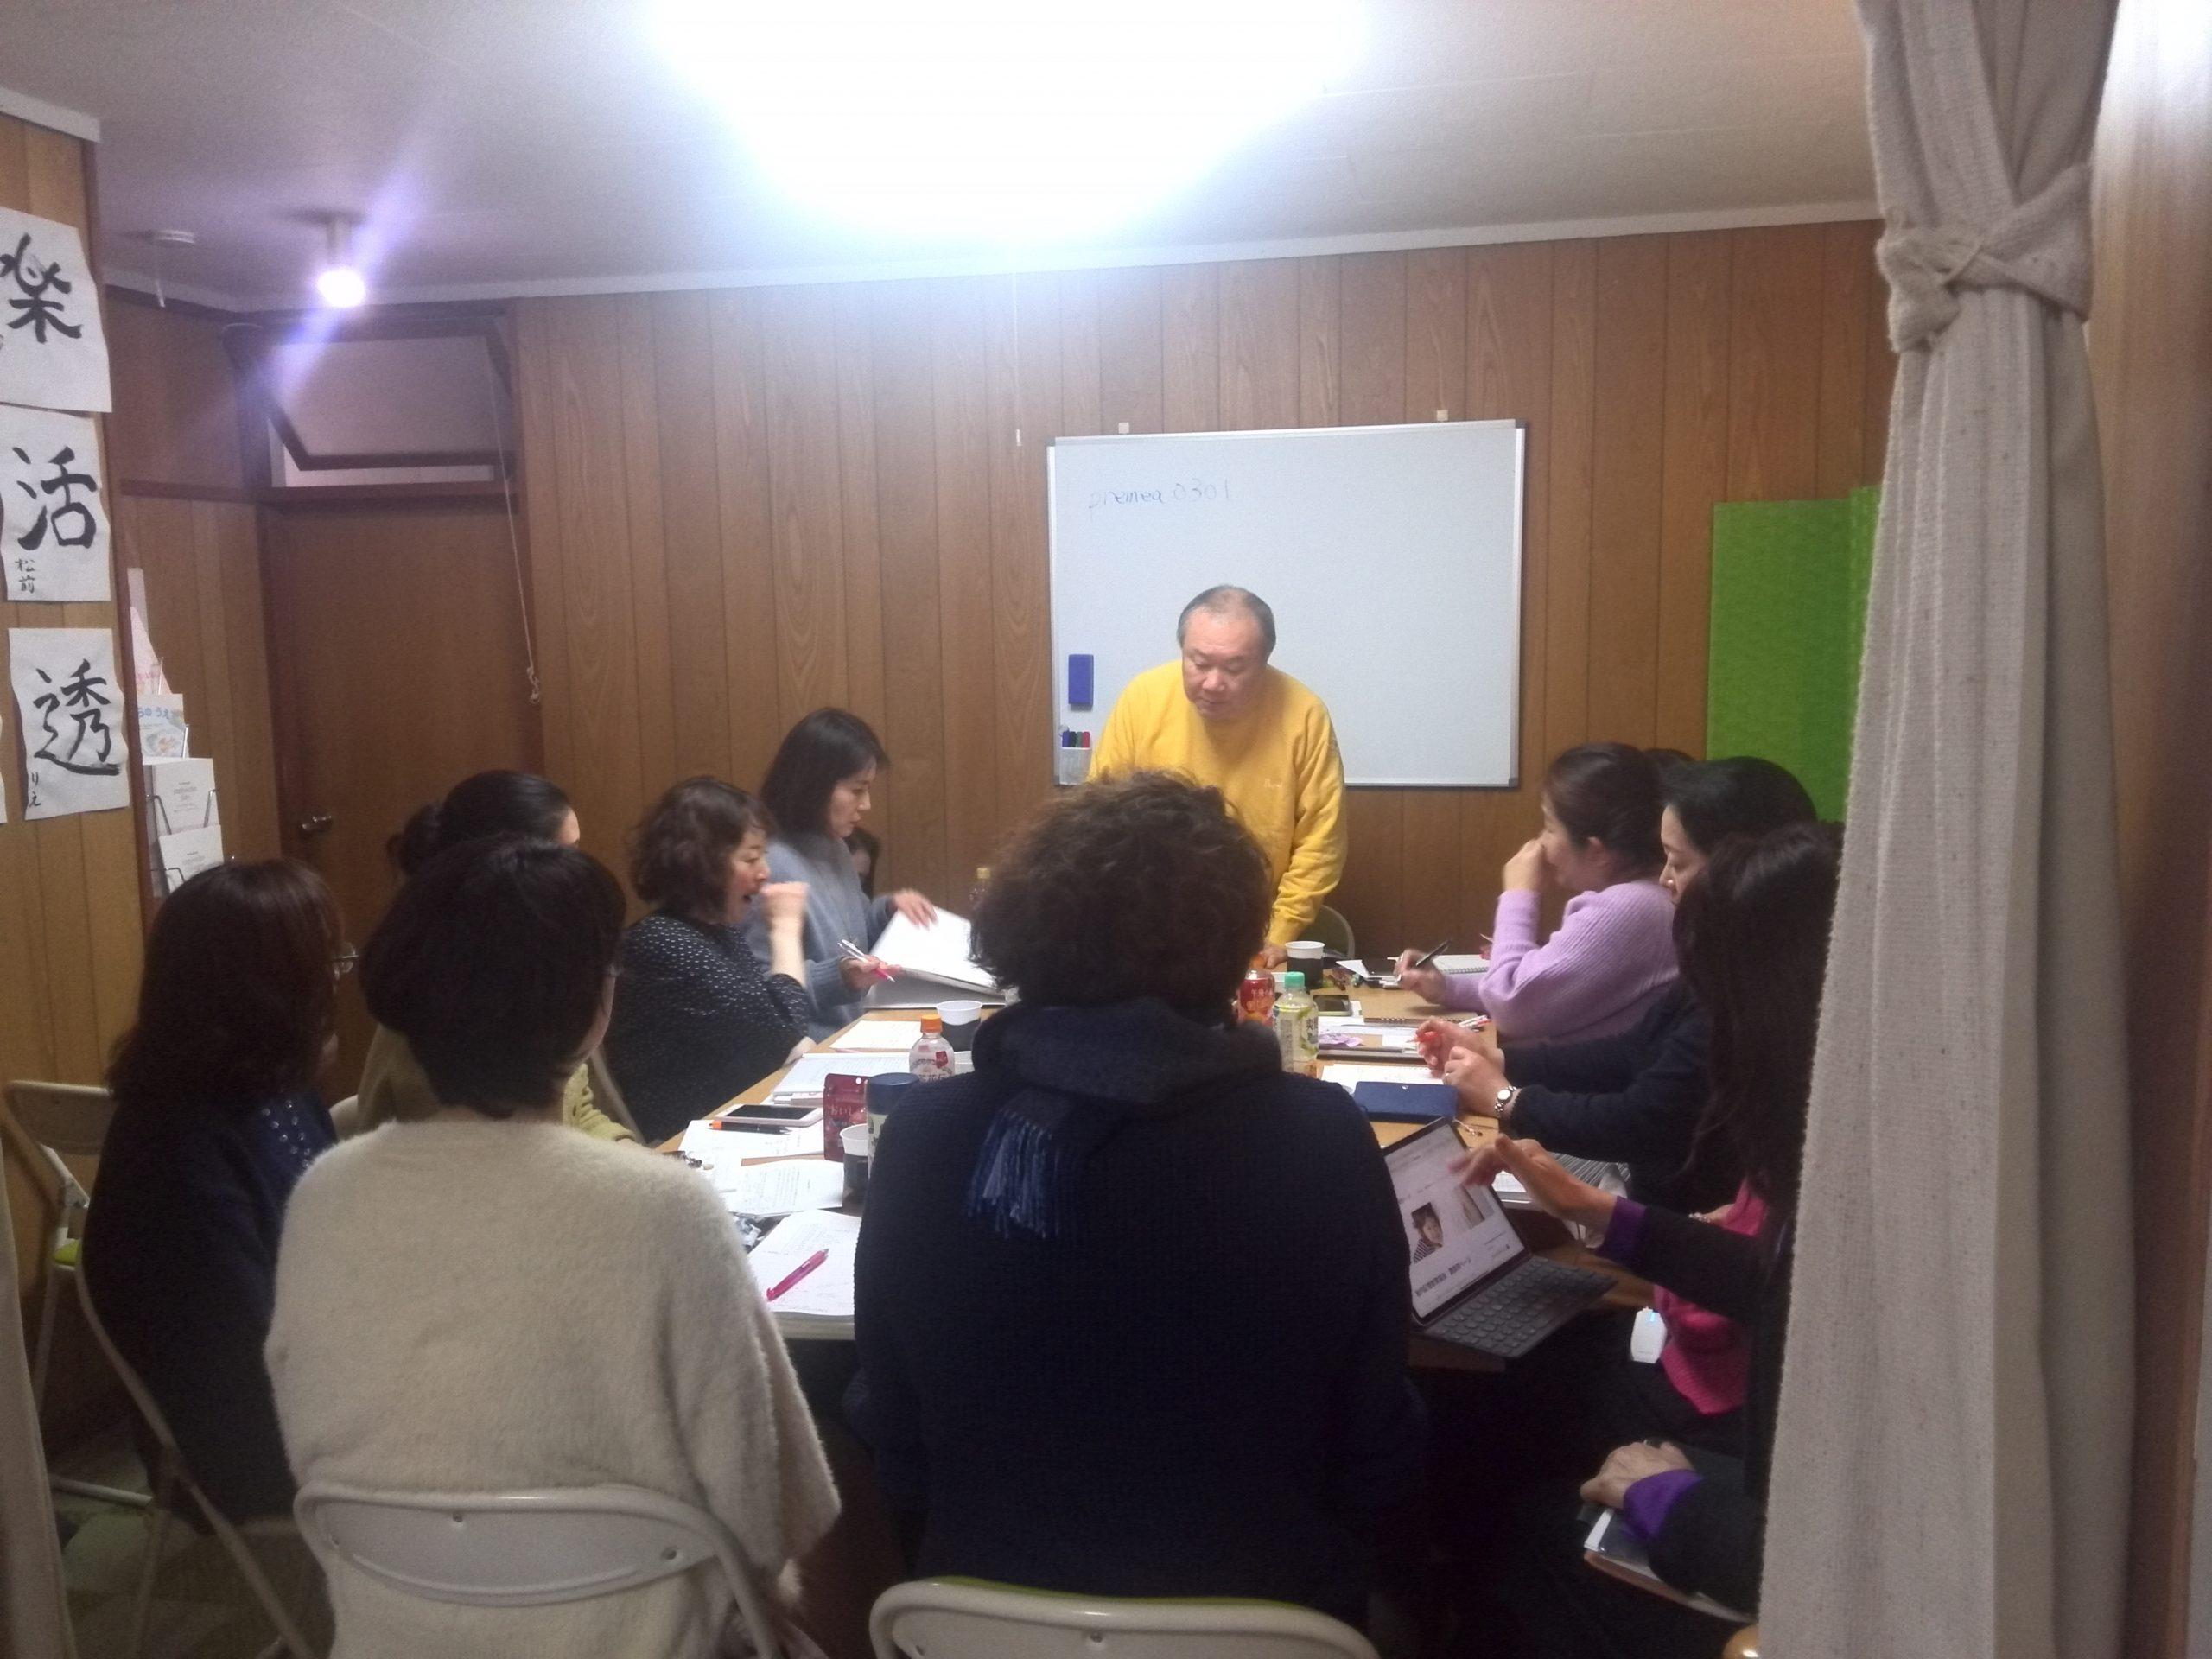 IMG 20110118 224438 scaled - 胎内記憶教育協会、講師養成講座第5期の最終講義